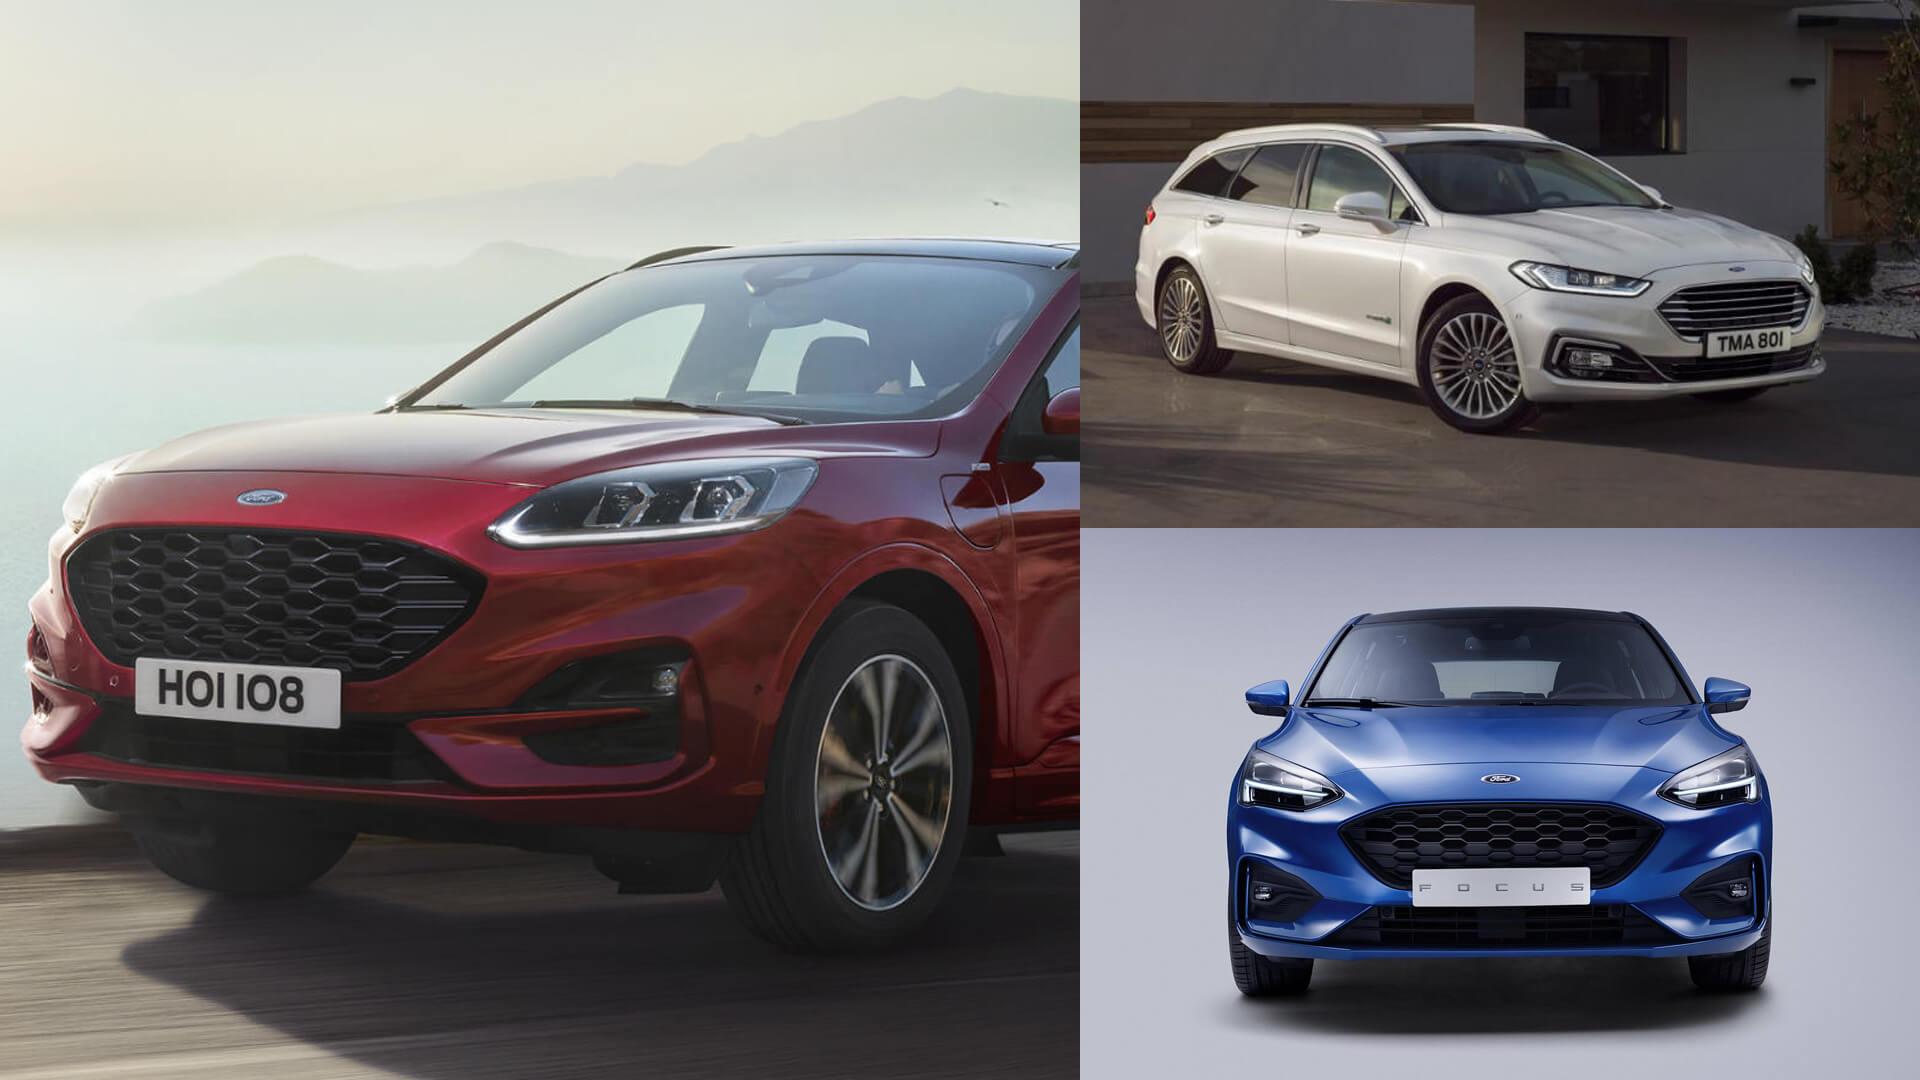 Elektryczna wydajność i oszczędność paliwa – Ford Focus i Fiesta EcoBoost Hybrid już w przyszłym roku